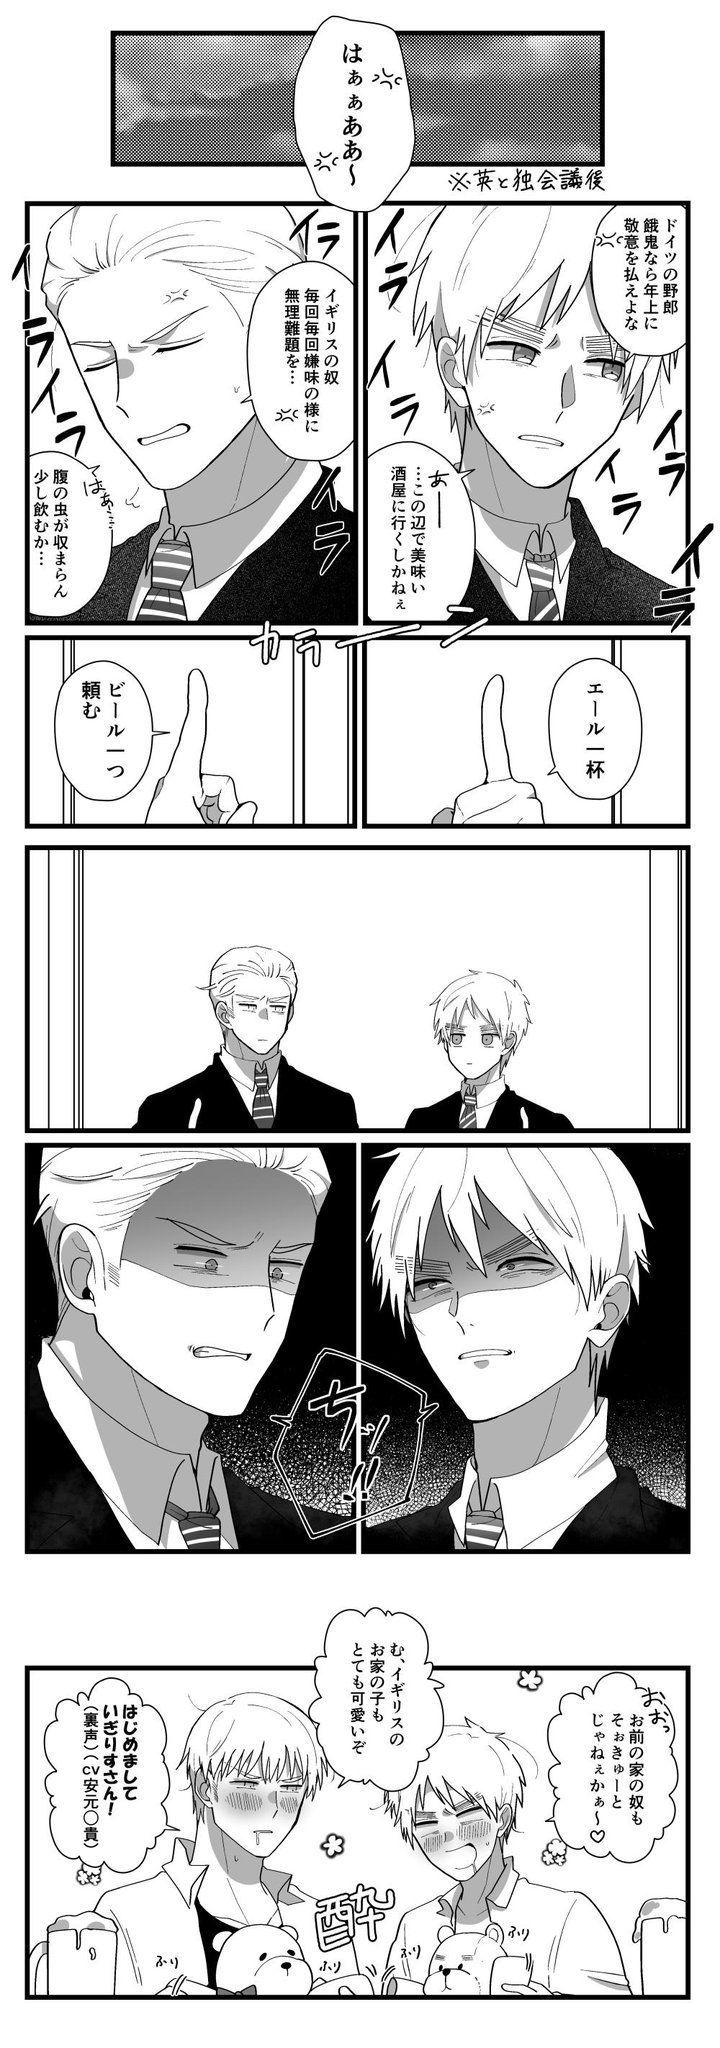 じろう on twitter hetalia anime guys manga